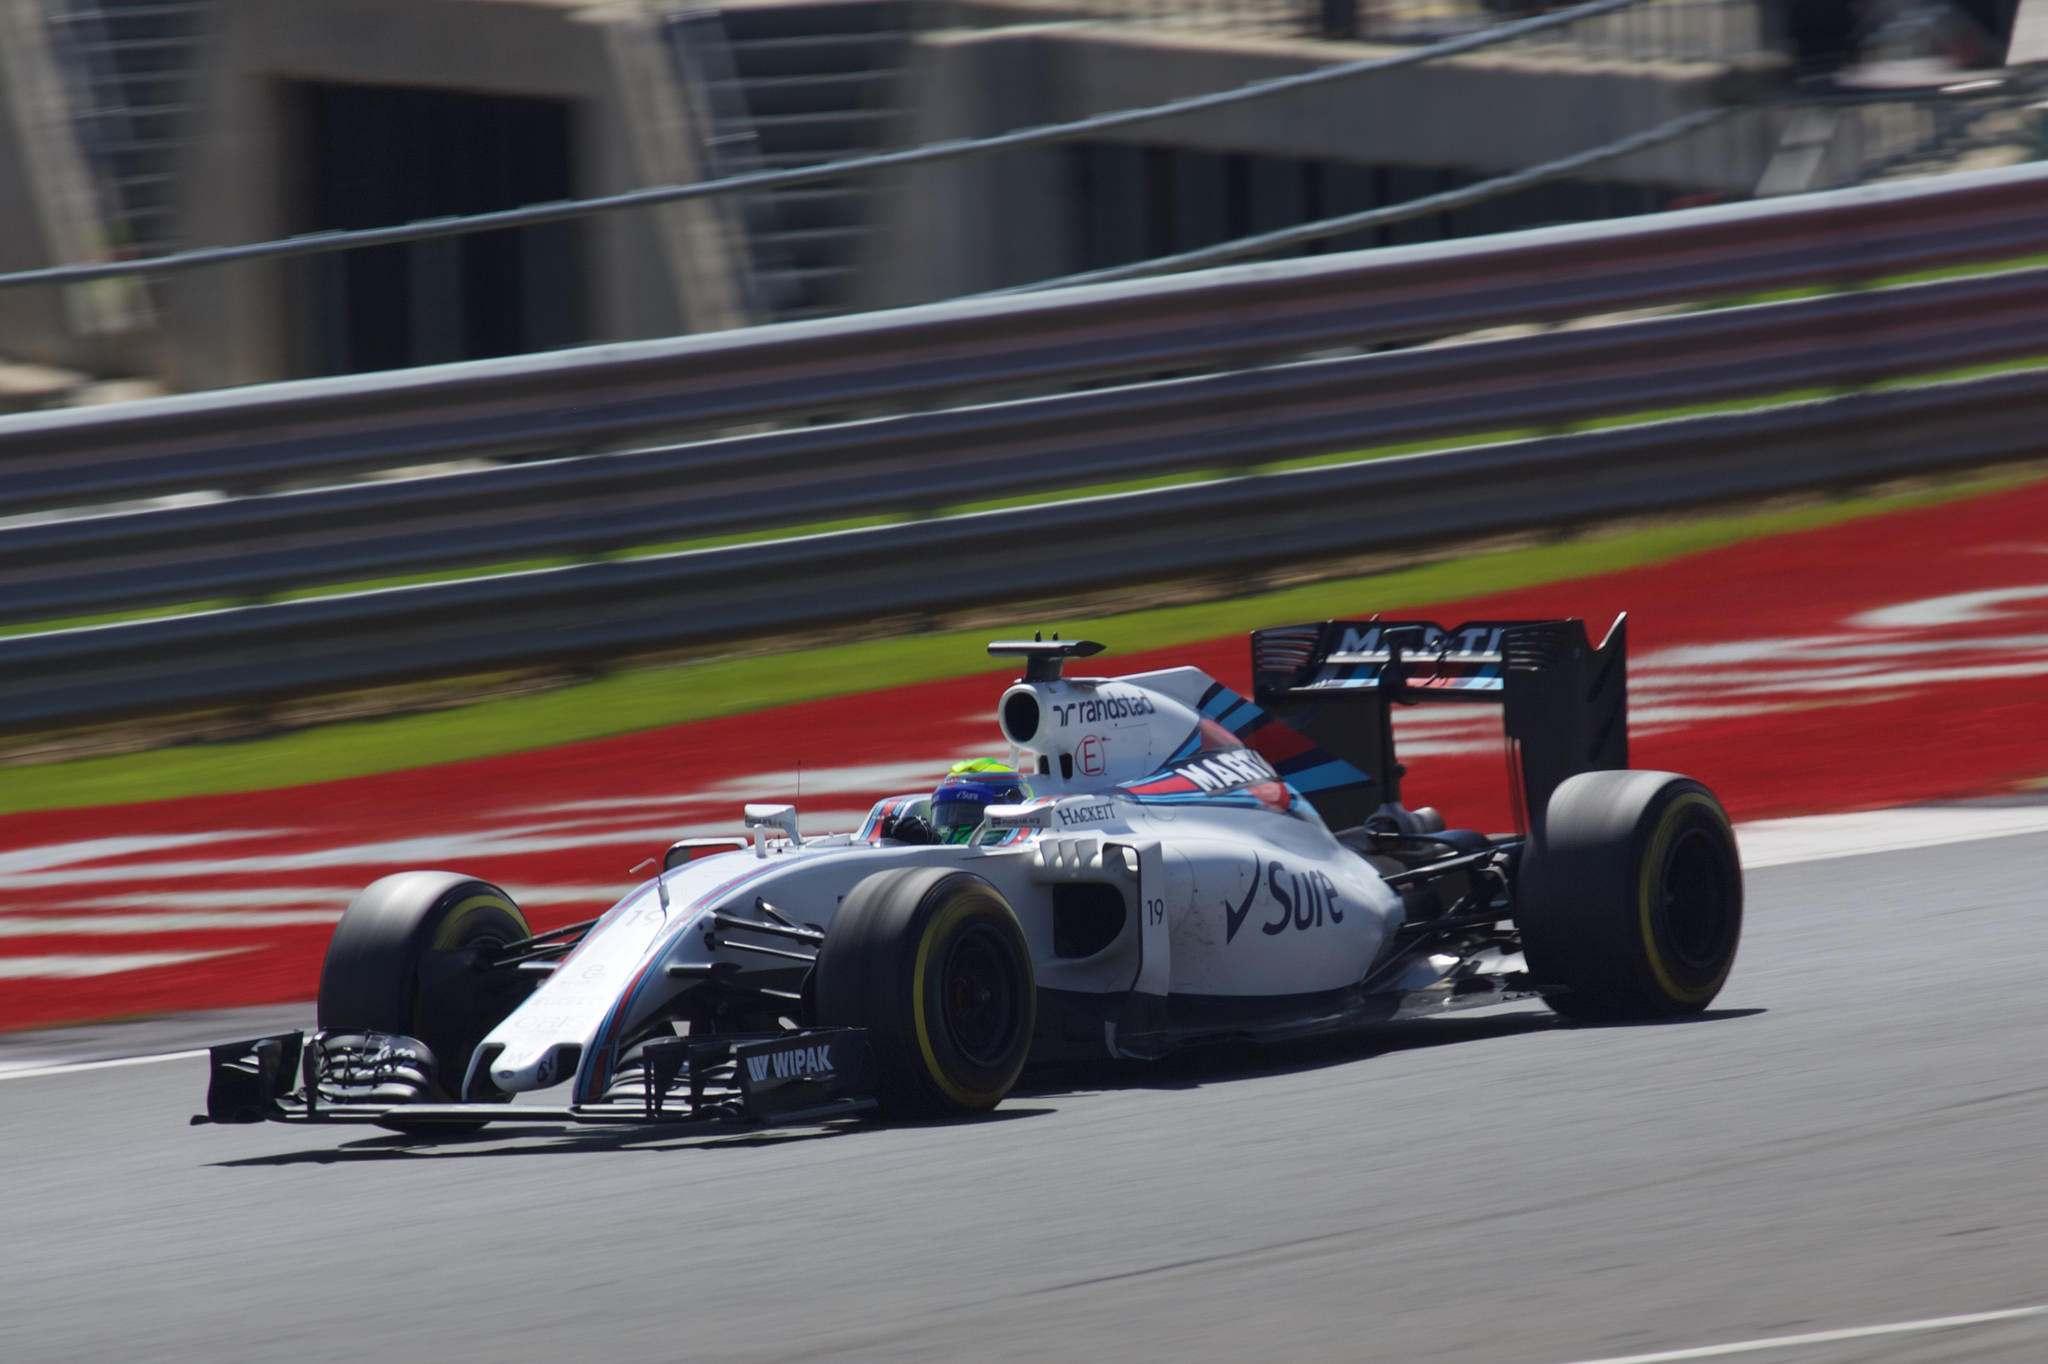 britishgp12 Formula 1   British GP 2016 in Silverstone